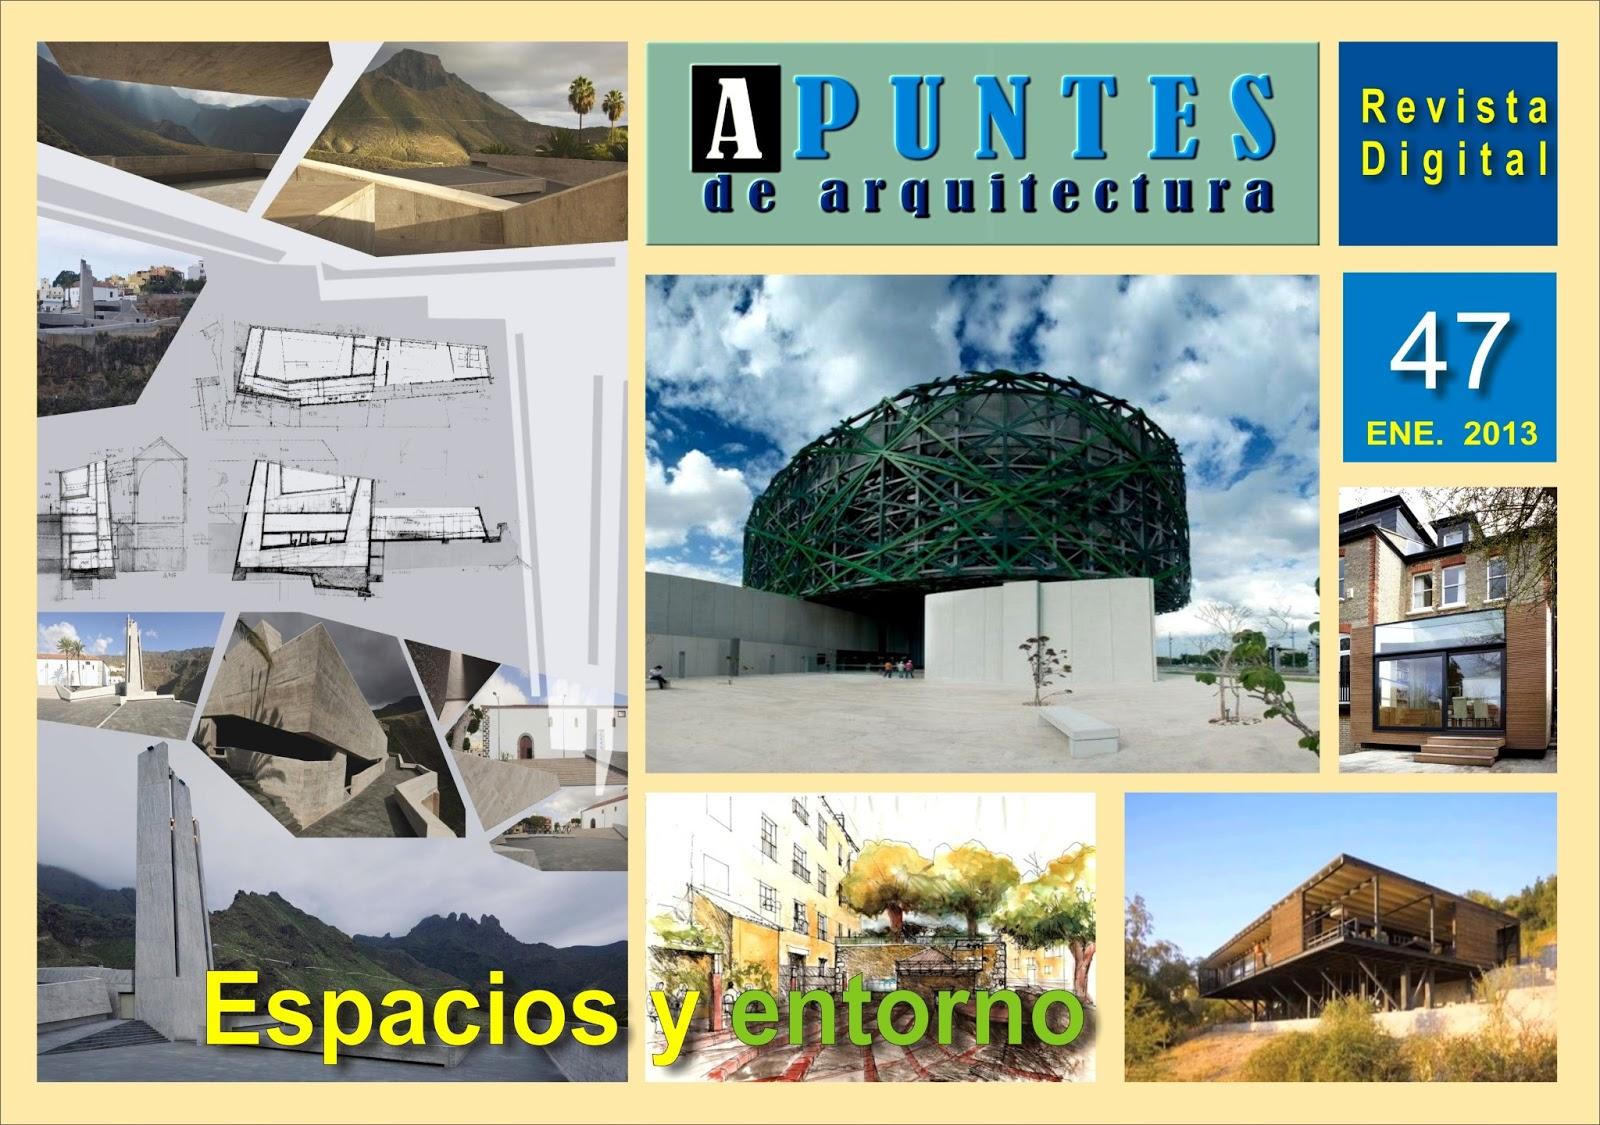 Apuntes Revista Digital De Arquitectura Revista Digital